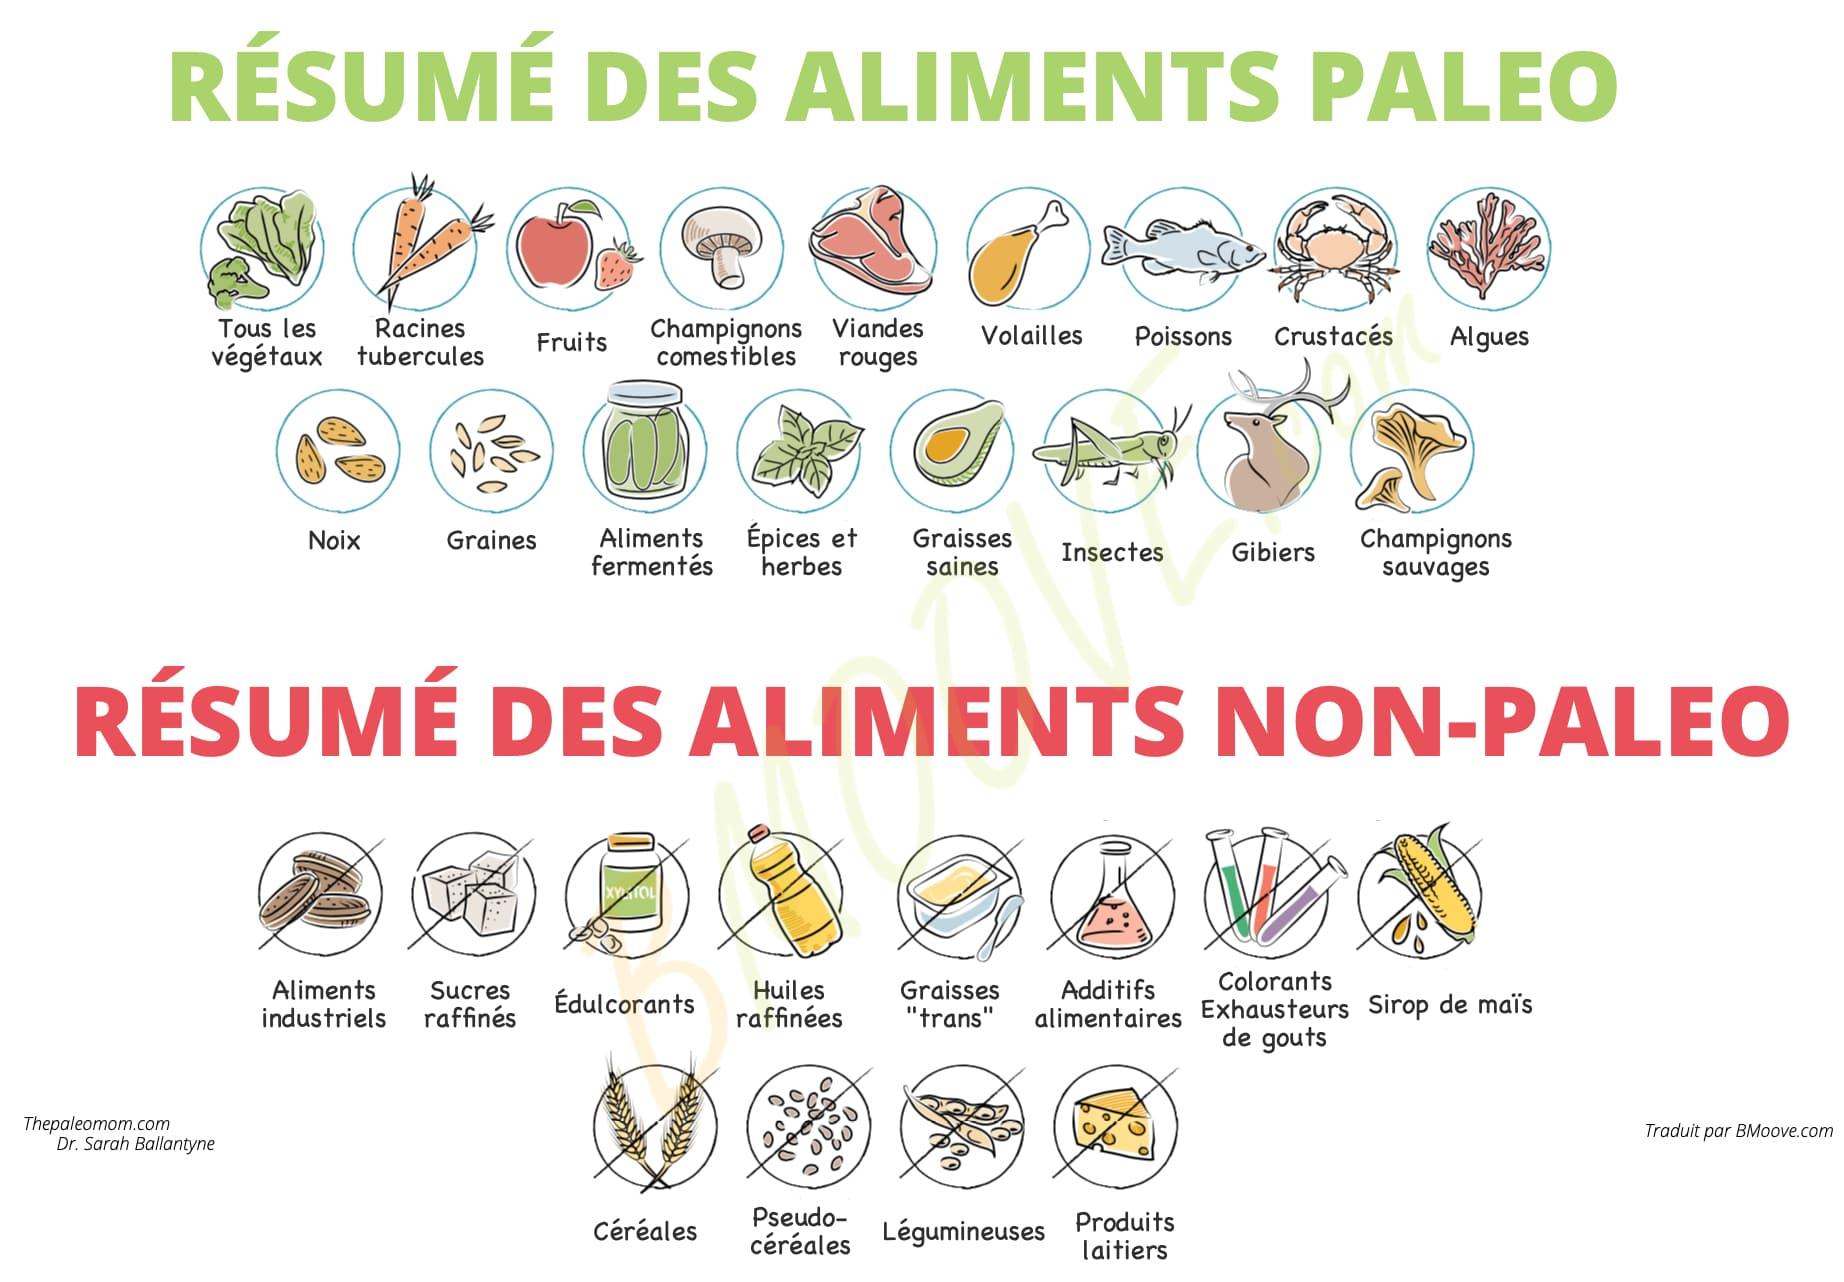 résumé des aliments non-paléo et paléo